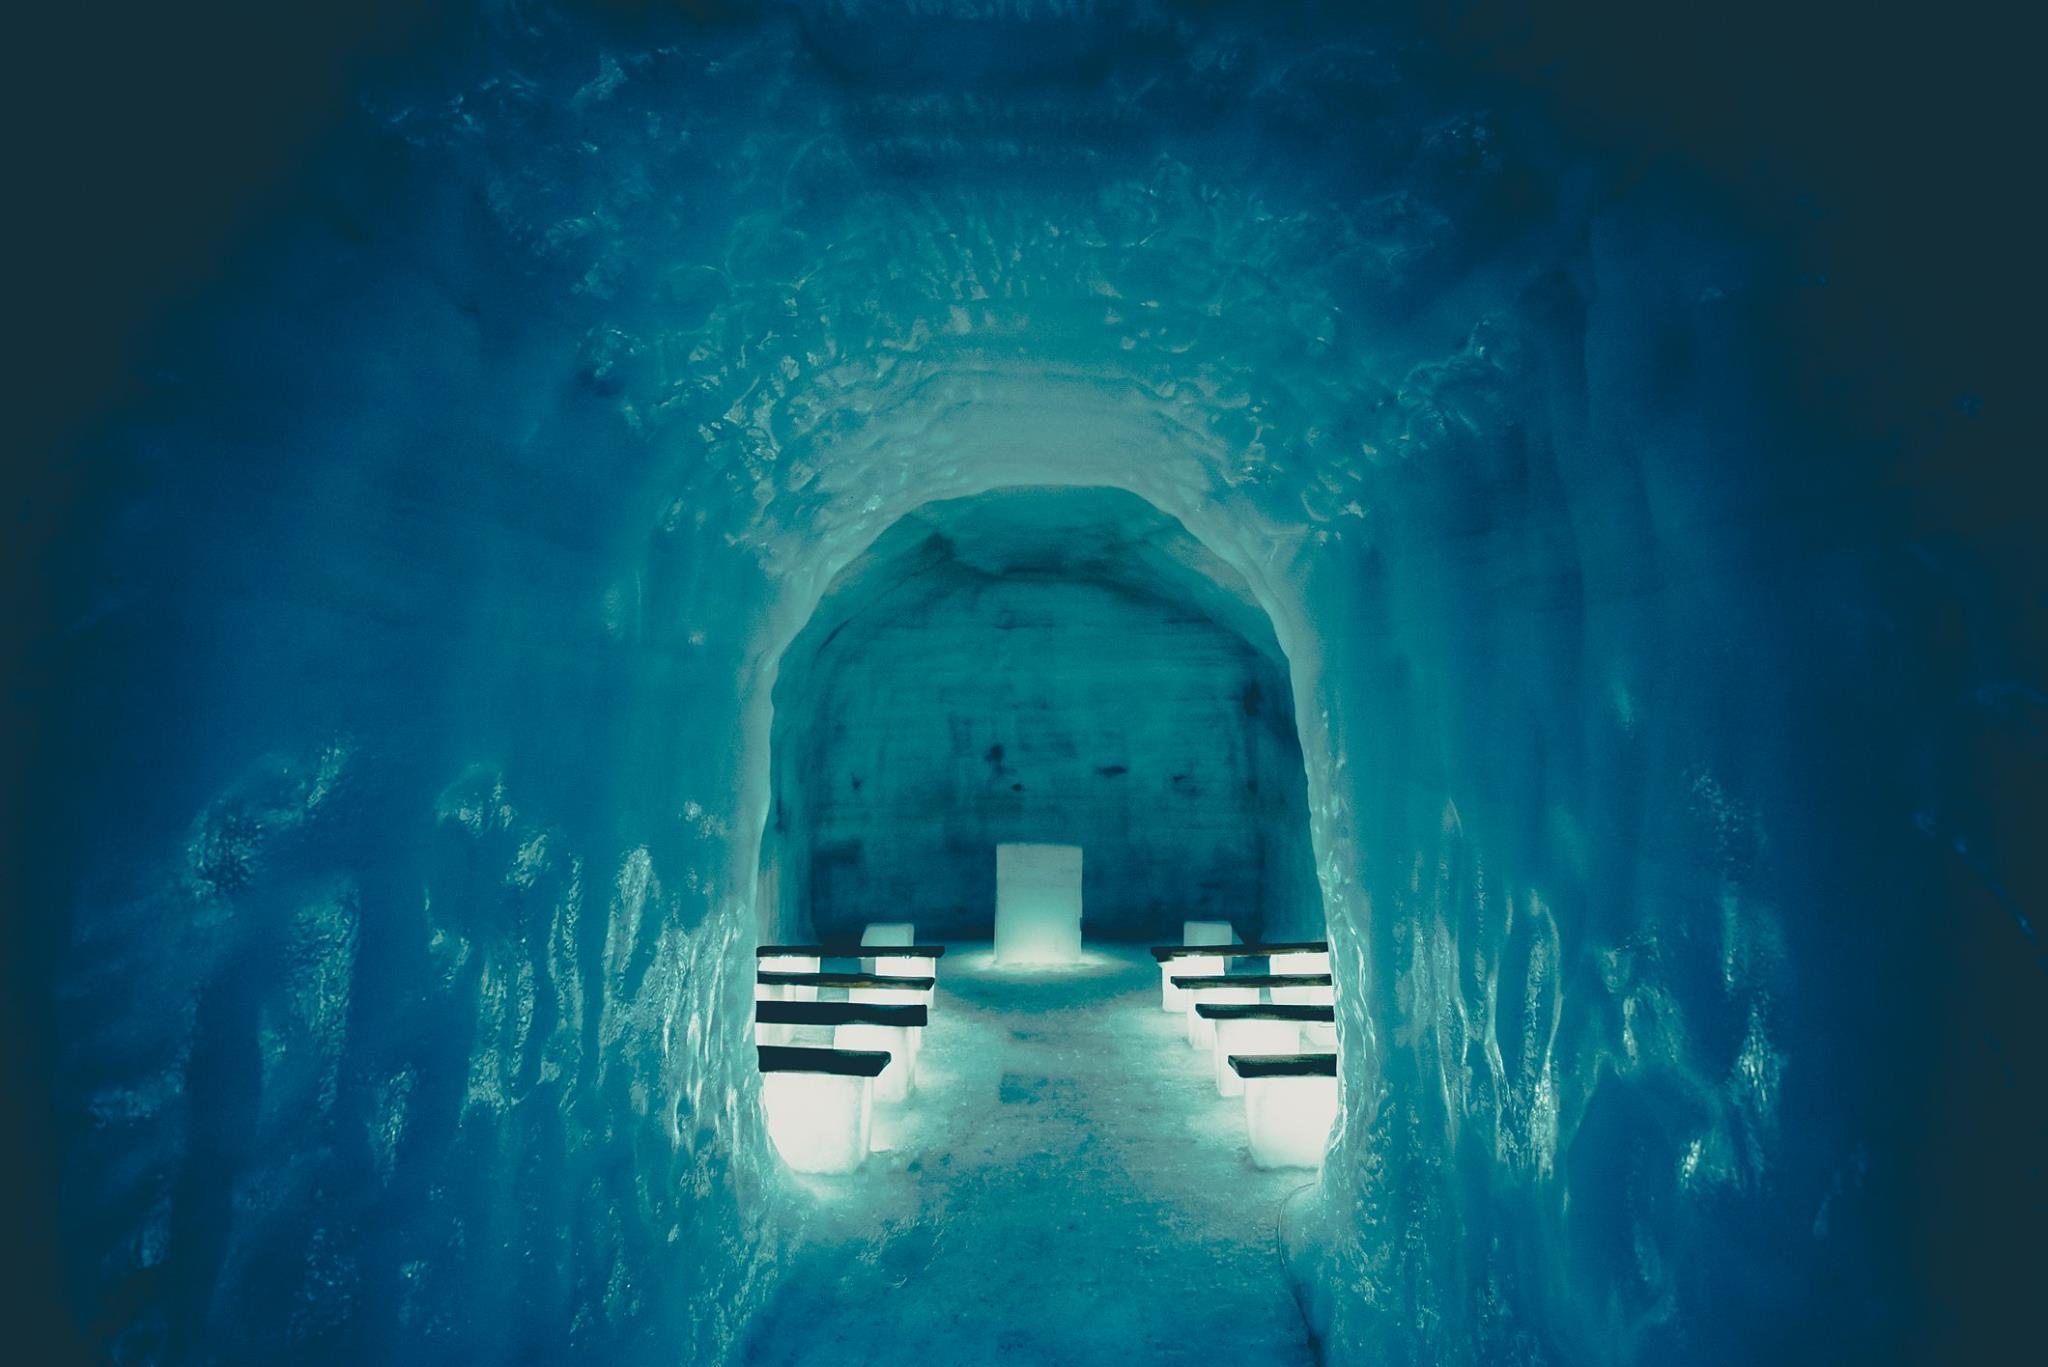 Zobacz piękne i skomplikowane tunele na lodowcu Langjökull podczas prywatnej wycieczki po zachodniej Islandii.